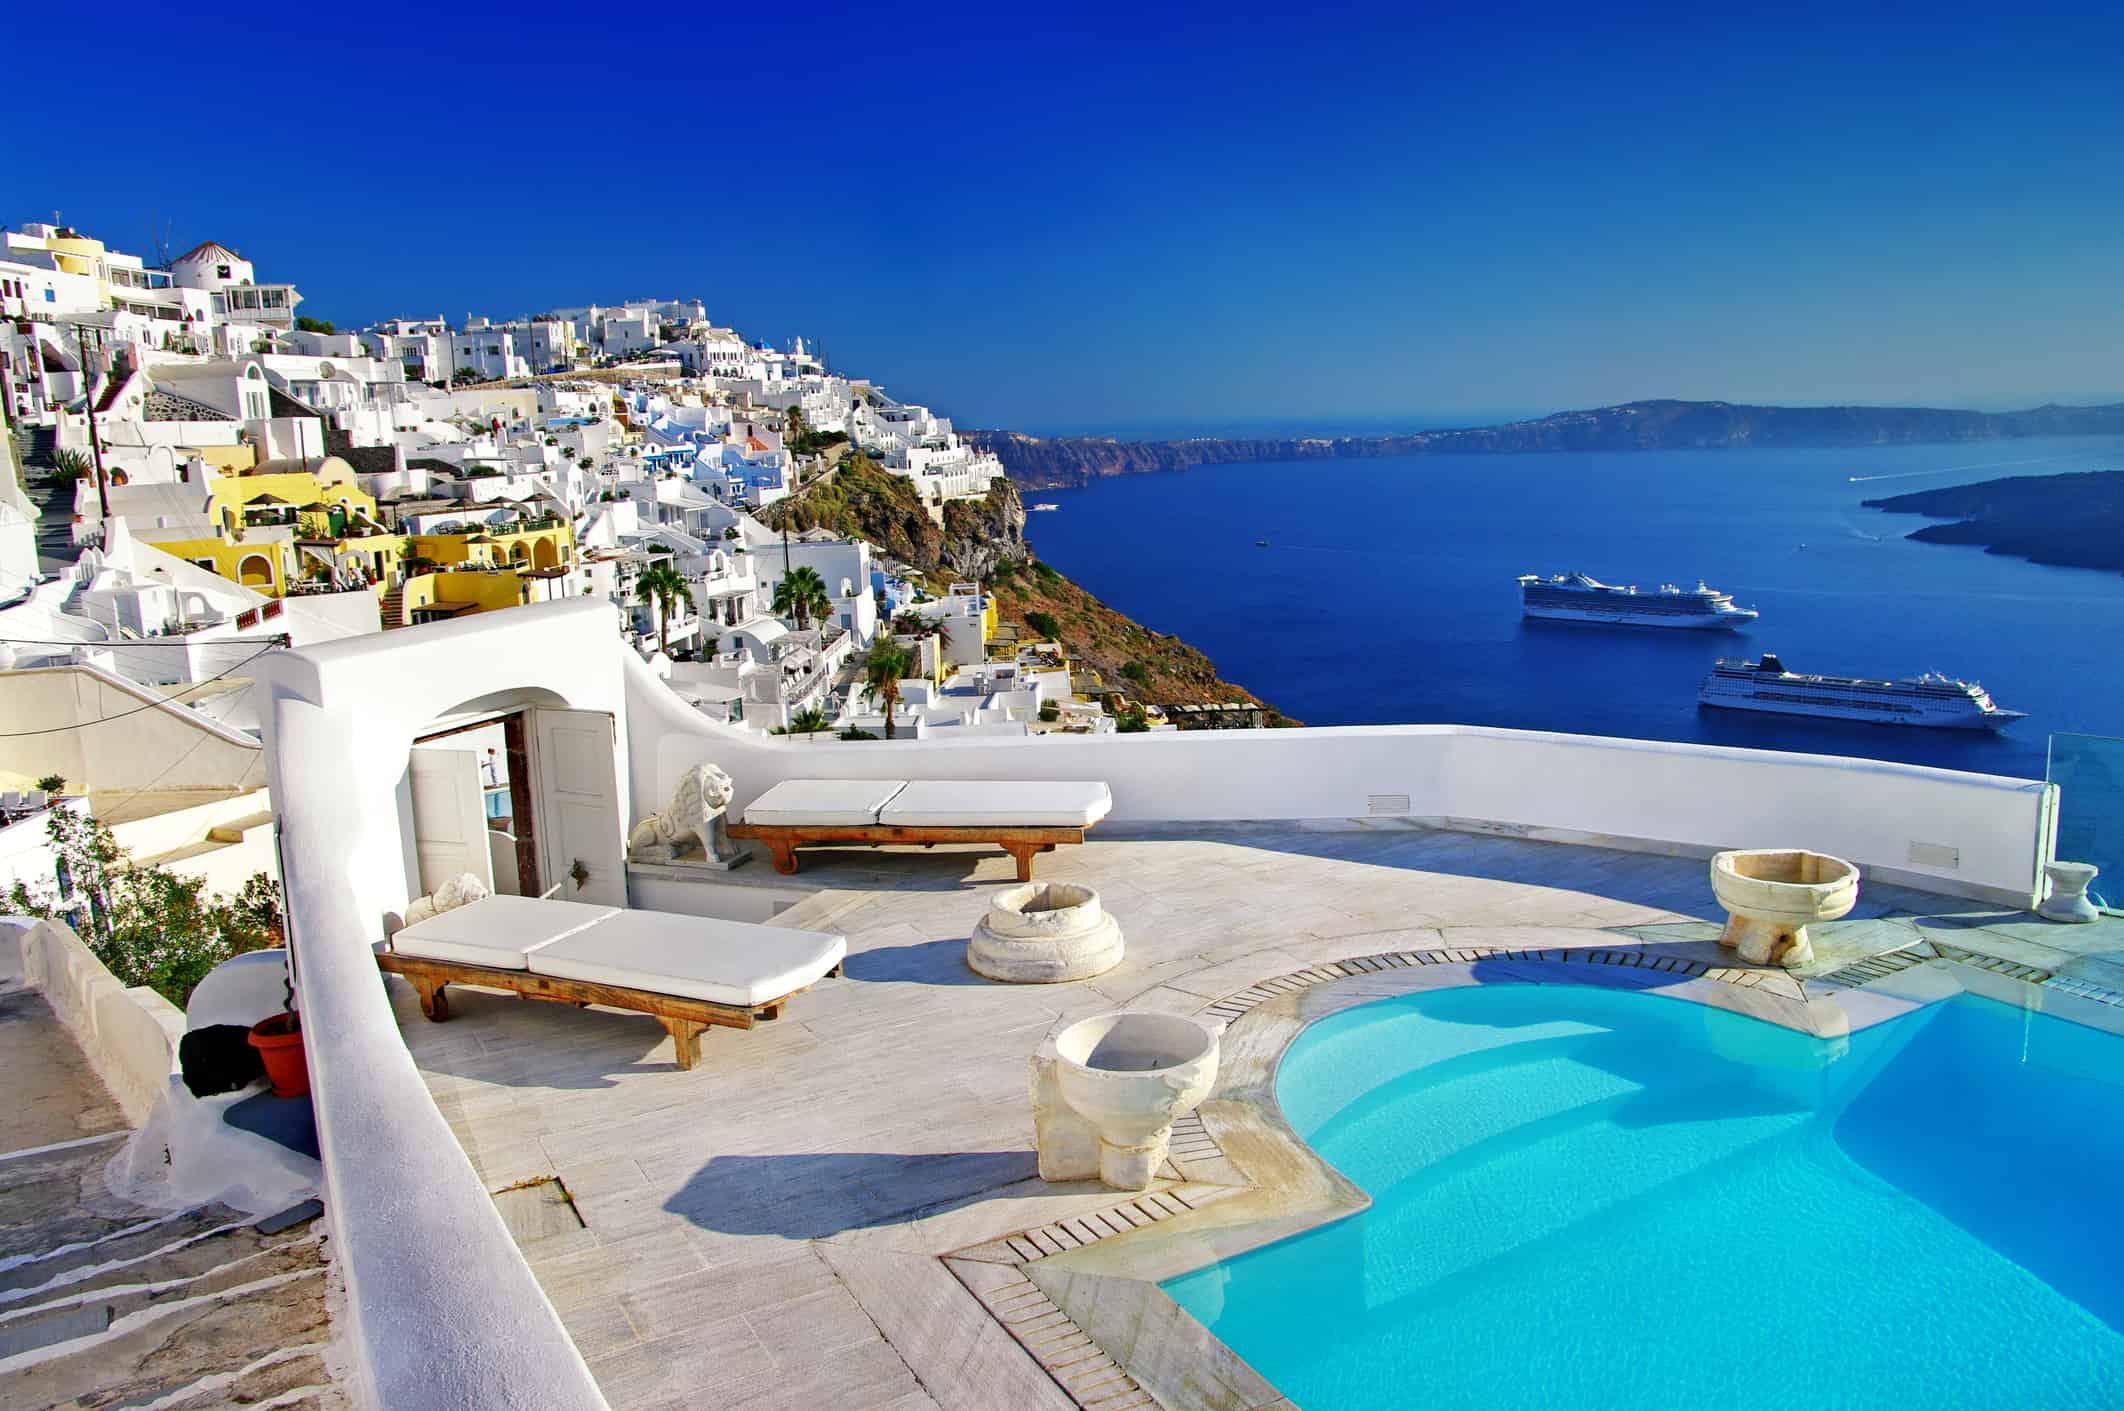 luxury holidays on Santorini island